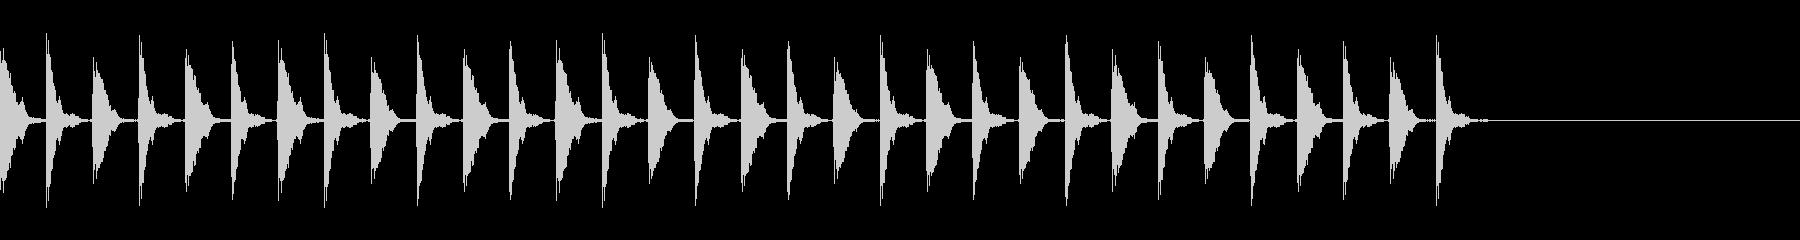 ポカポカ殴るA06の未再生の波形